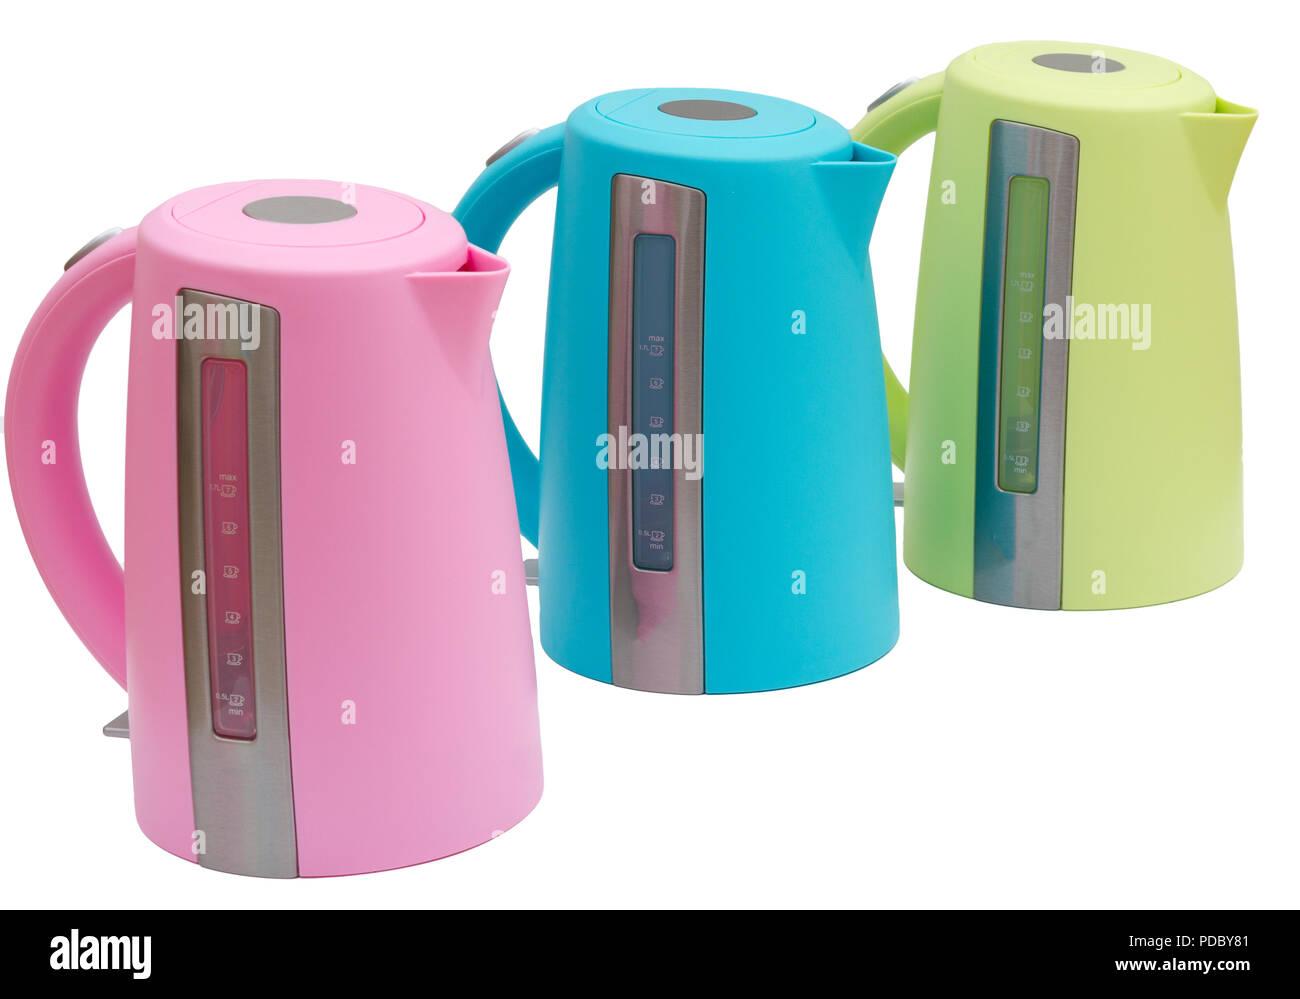 Luminose colorate di scaldacqua elettrici bollitore per tè isolati su sfondo bianco Immagini Stock